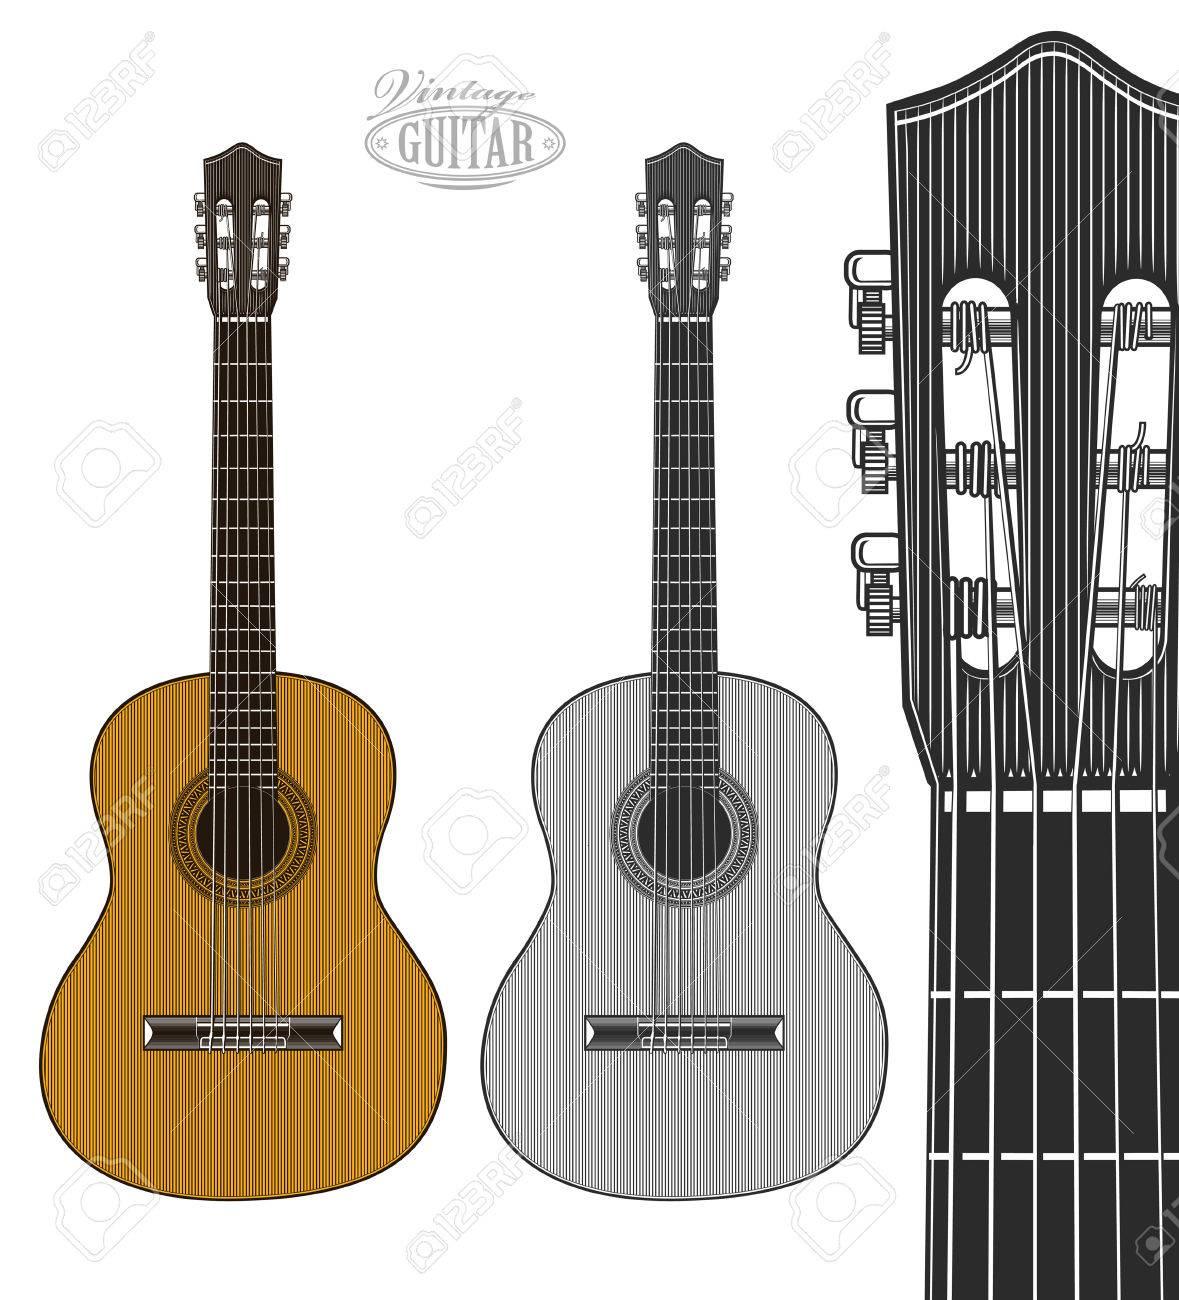 Guitarra En El Estilo De Grabado. Ilustración Vectorial Aislados ...